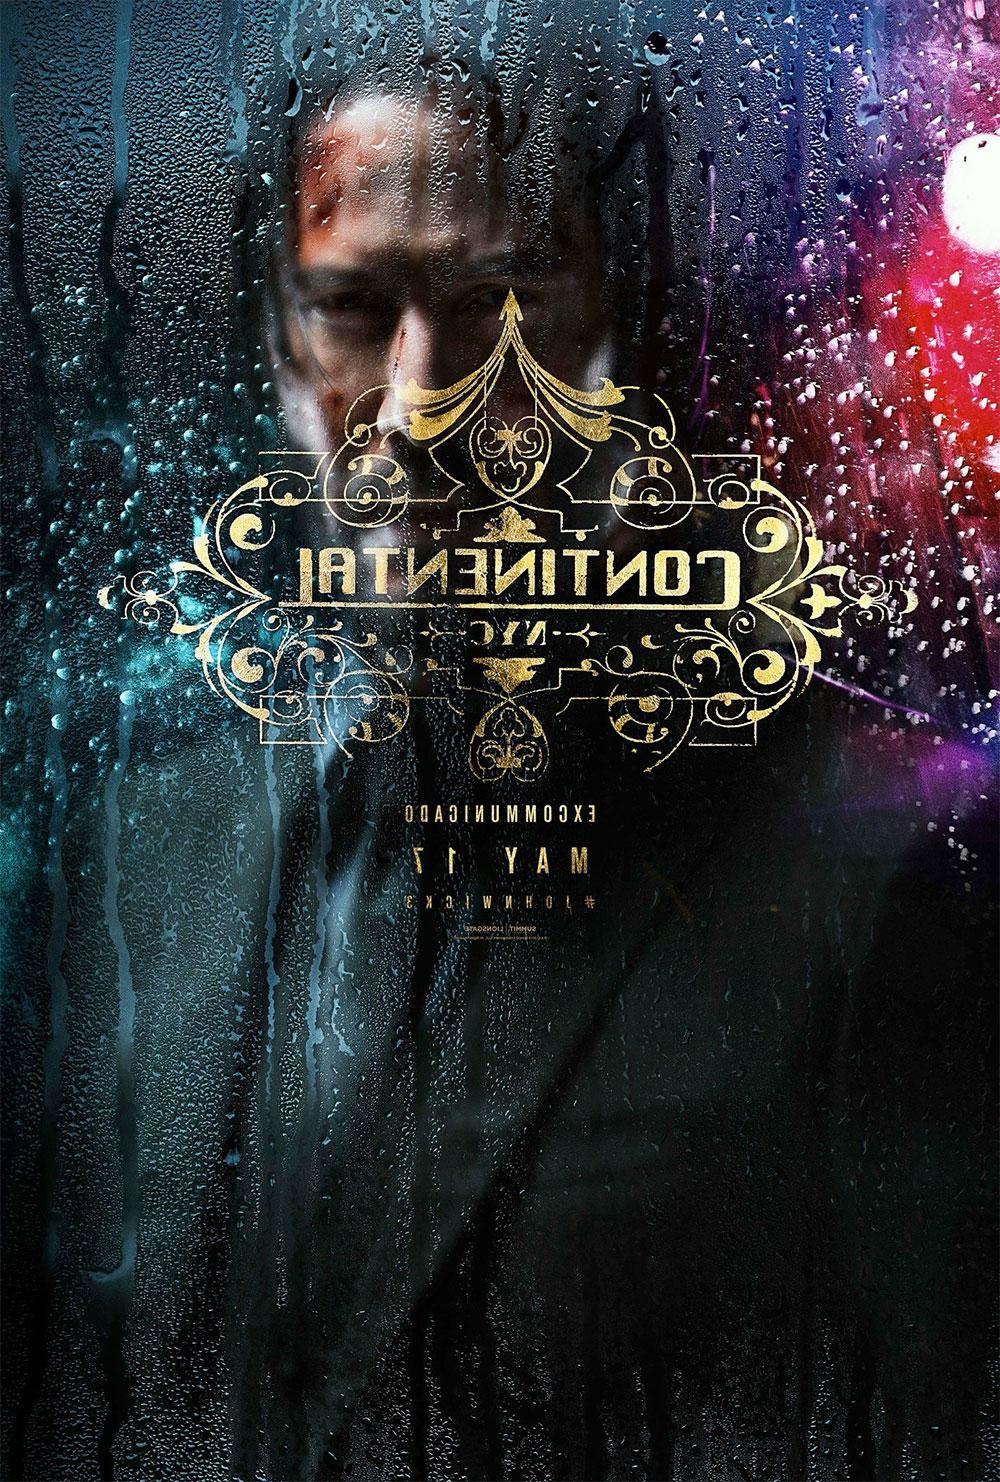 -  Dall'articolo: John Wick 3: Parabellum, il poster originale del film.